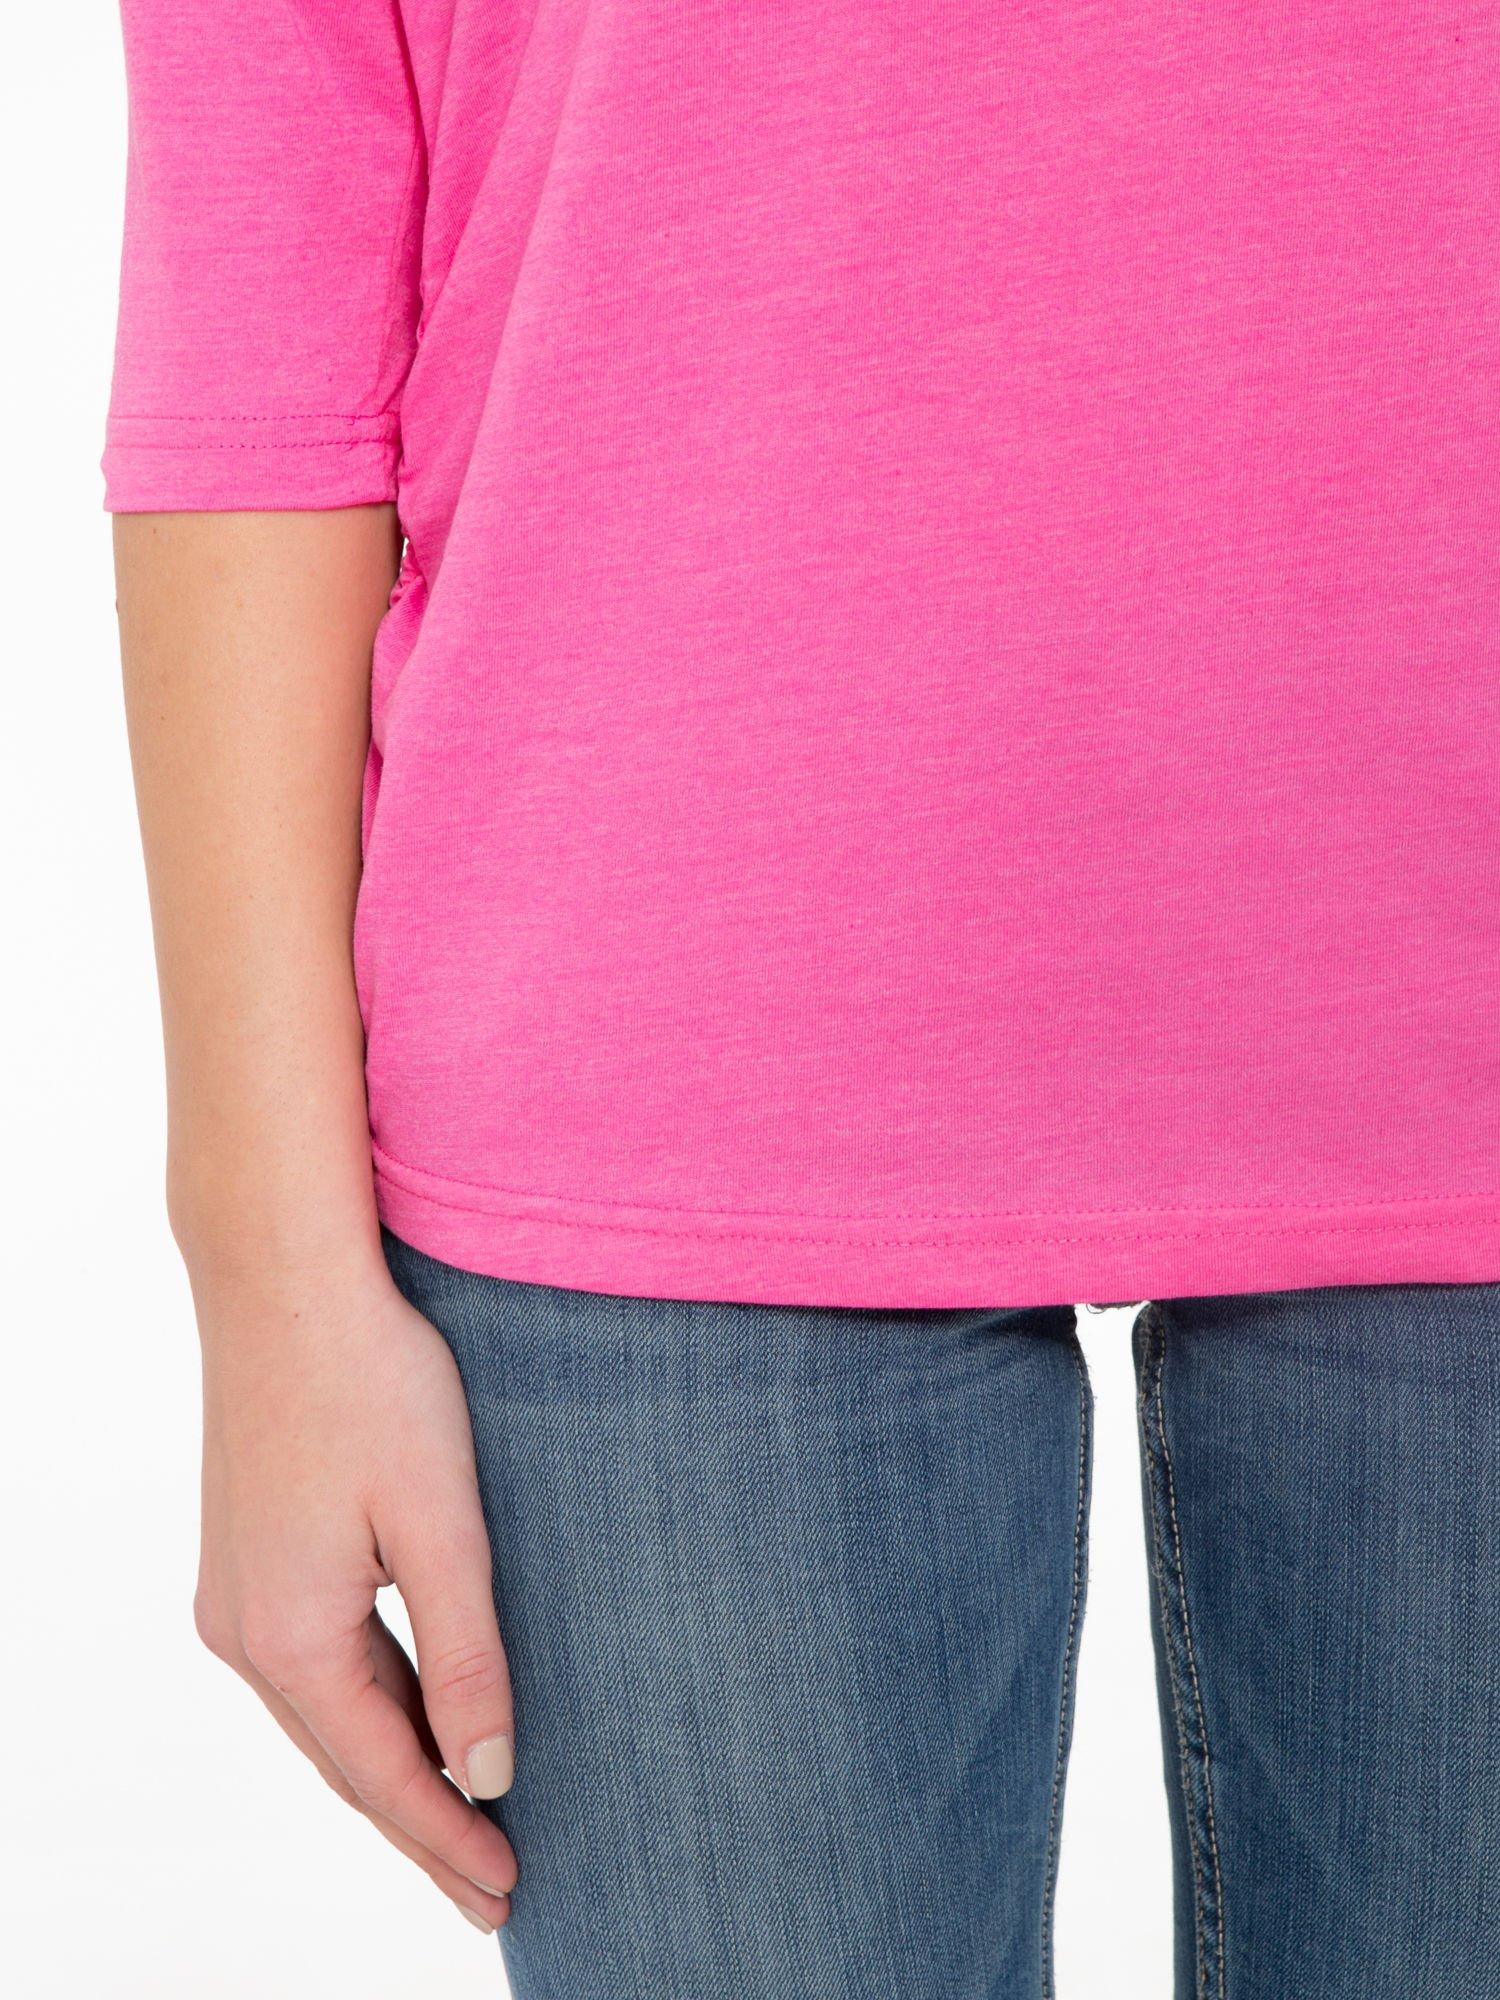 Różowa luźna bluzka z rękawem 3/4                                  zdj.                                  6